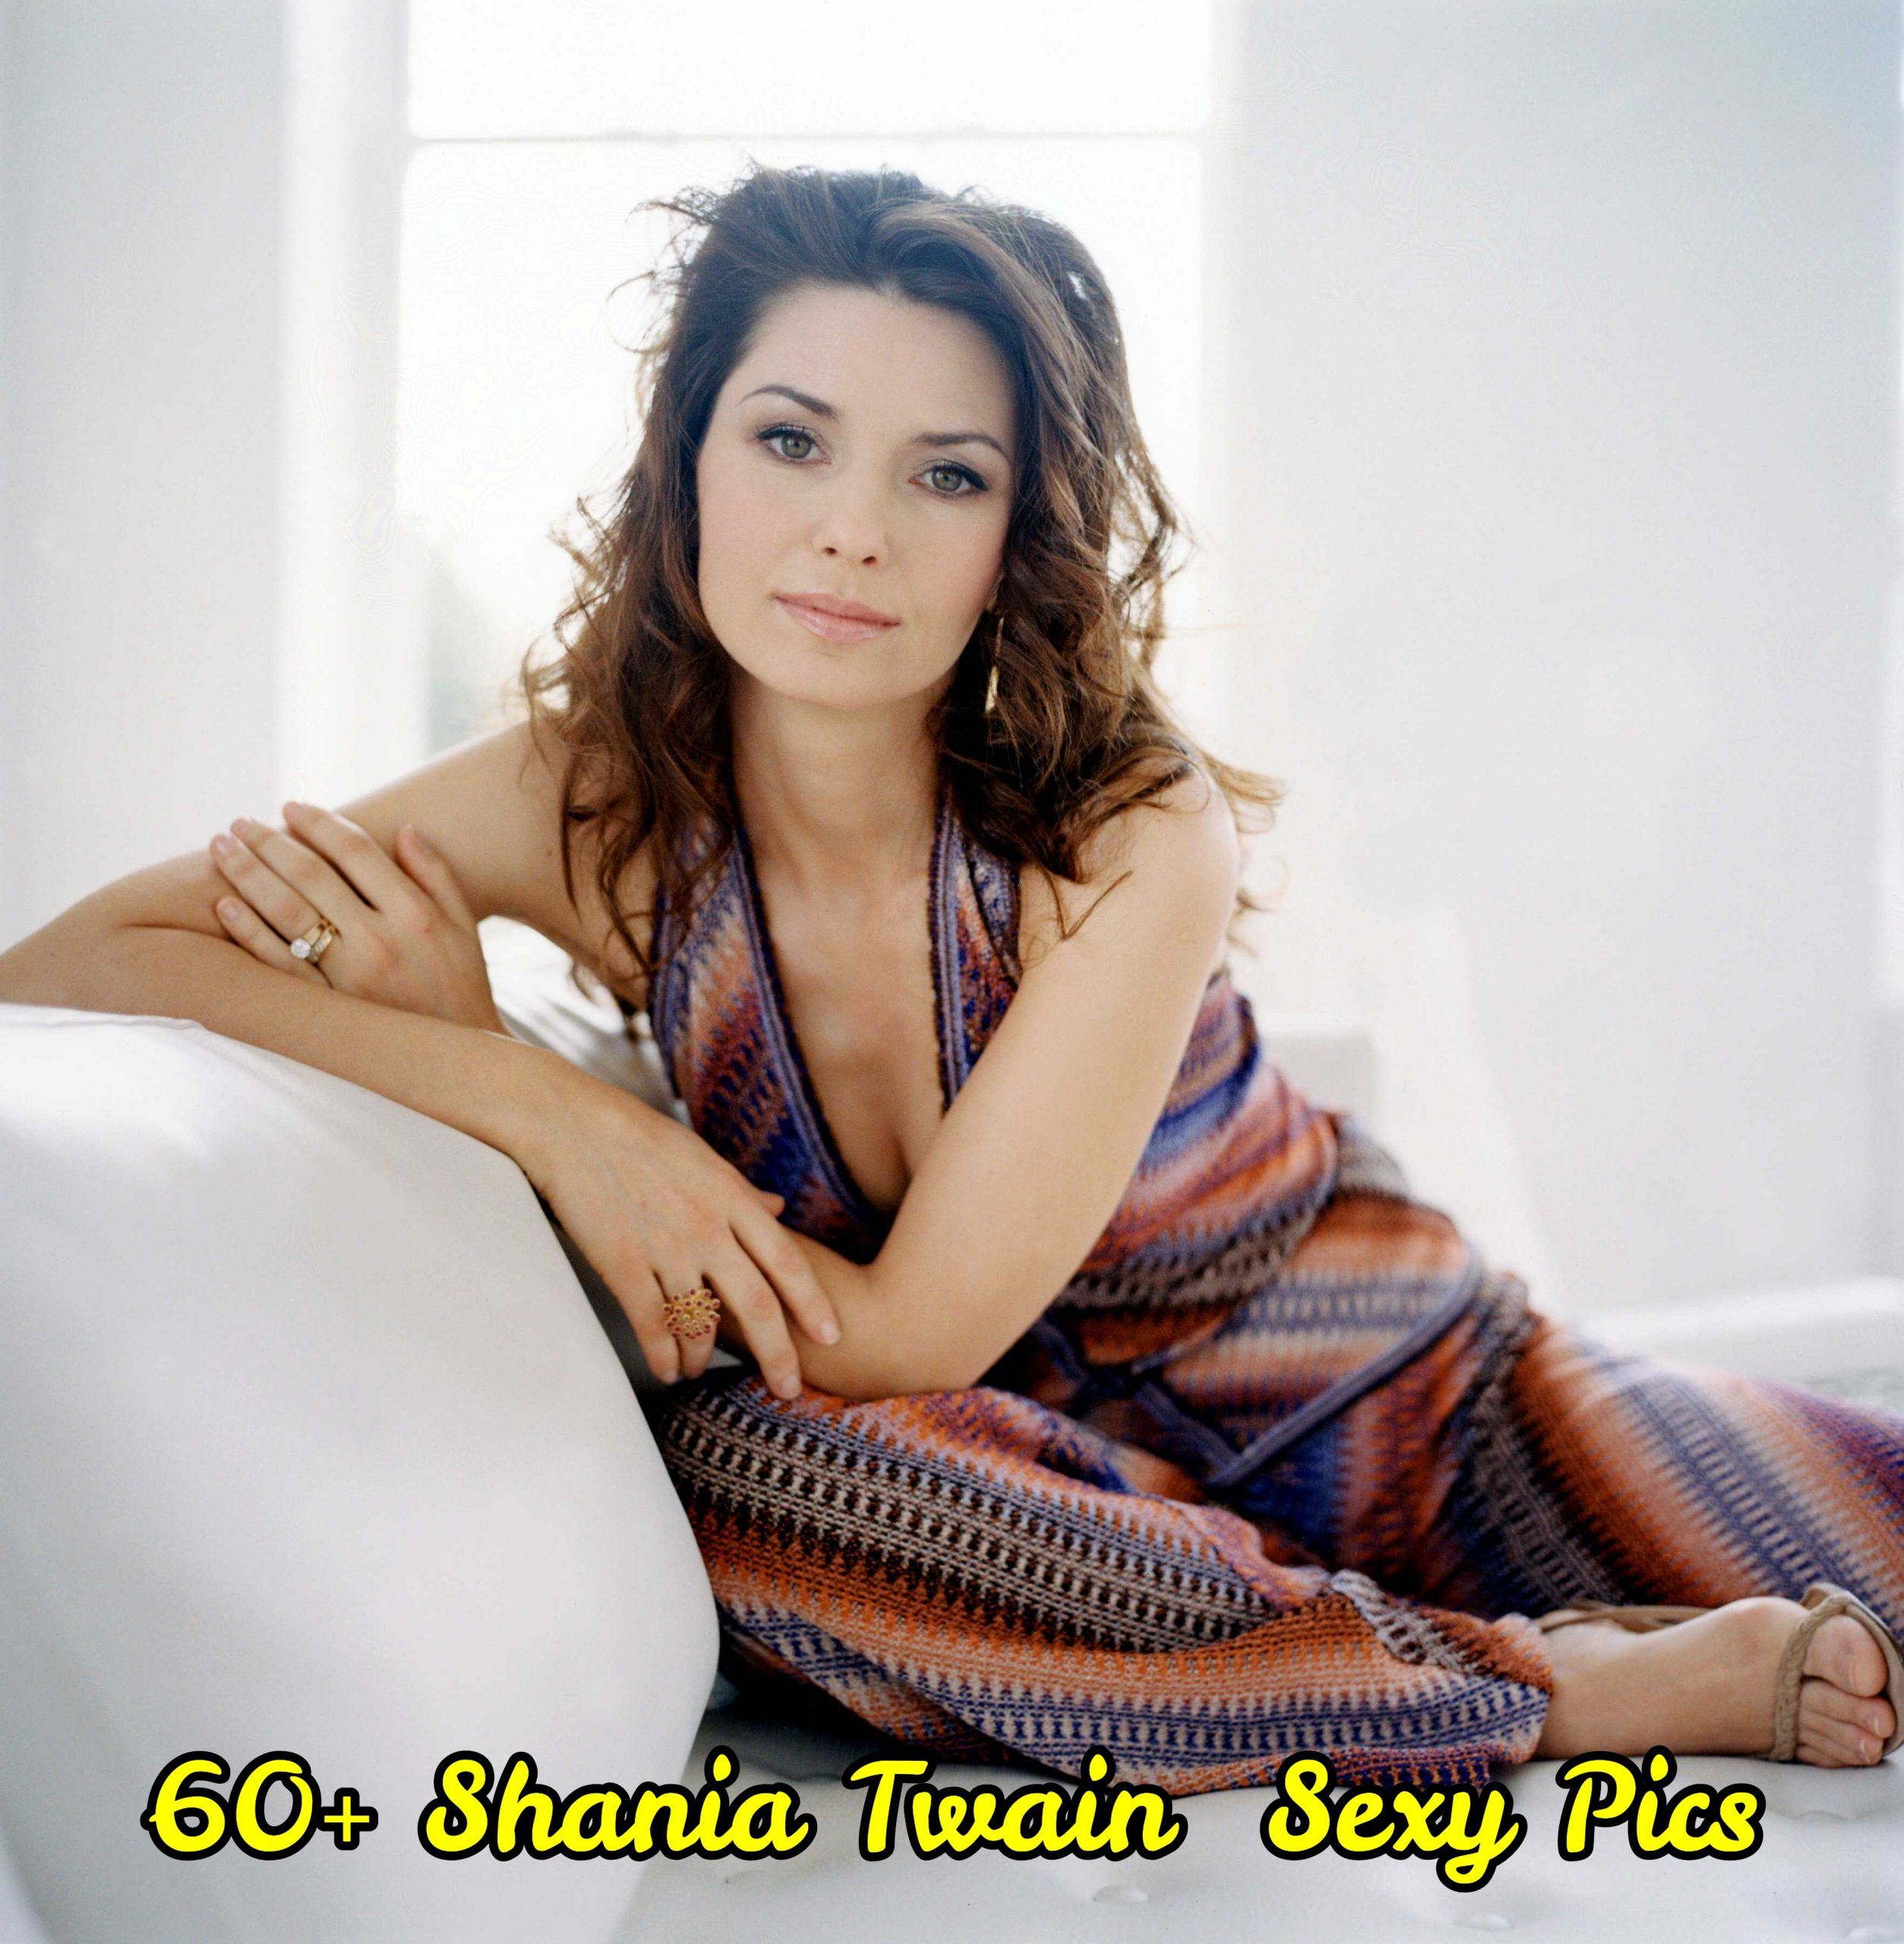 Shania Twain eyes